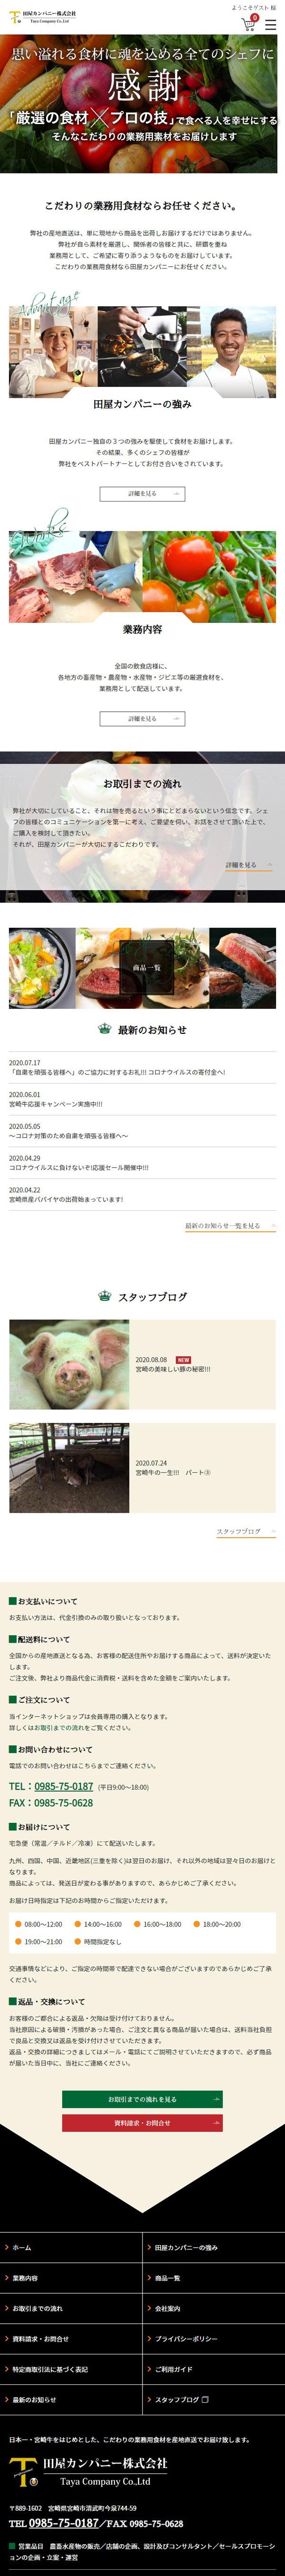 田屋カンパニー株式会社様